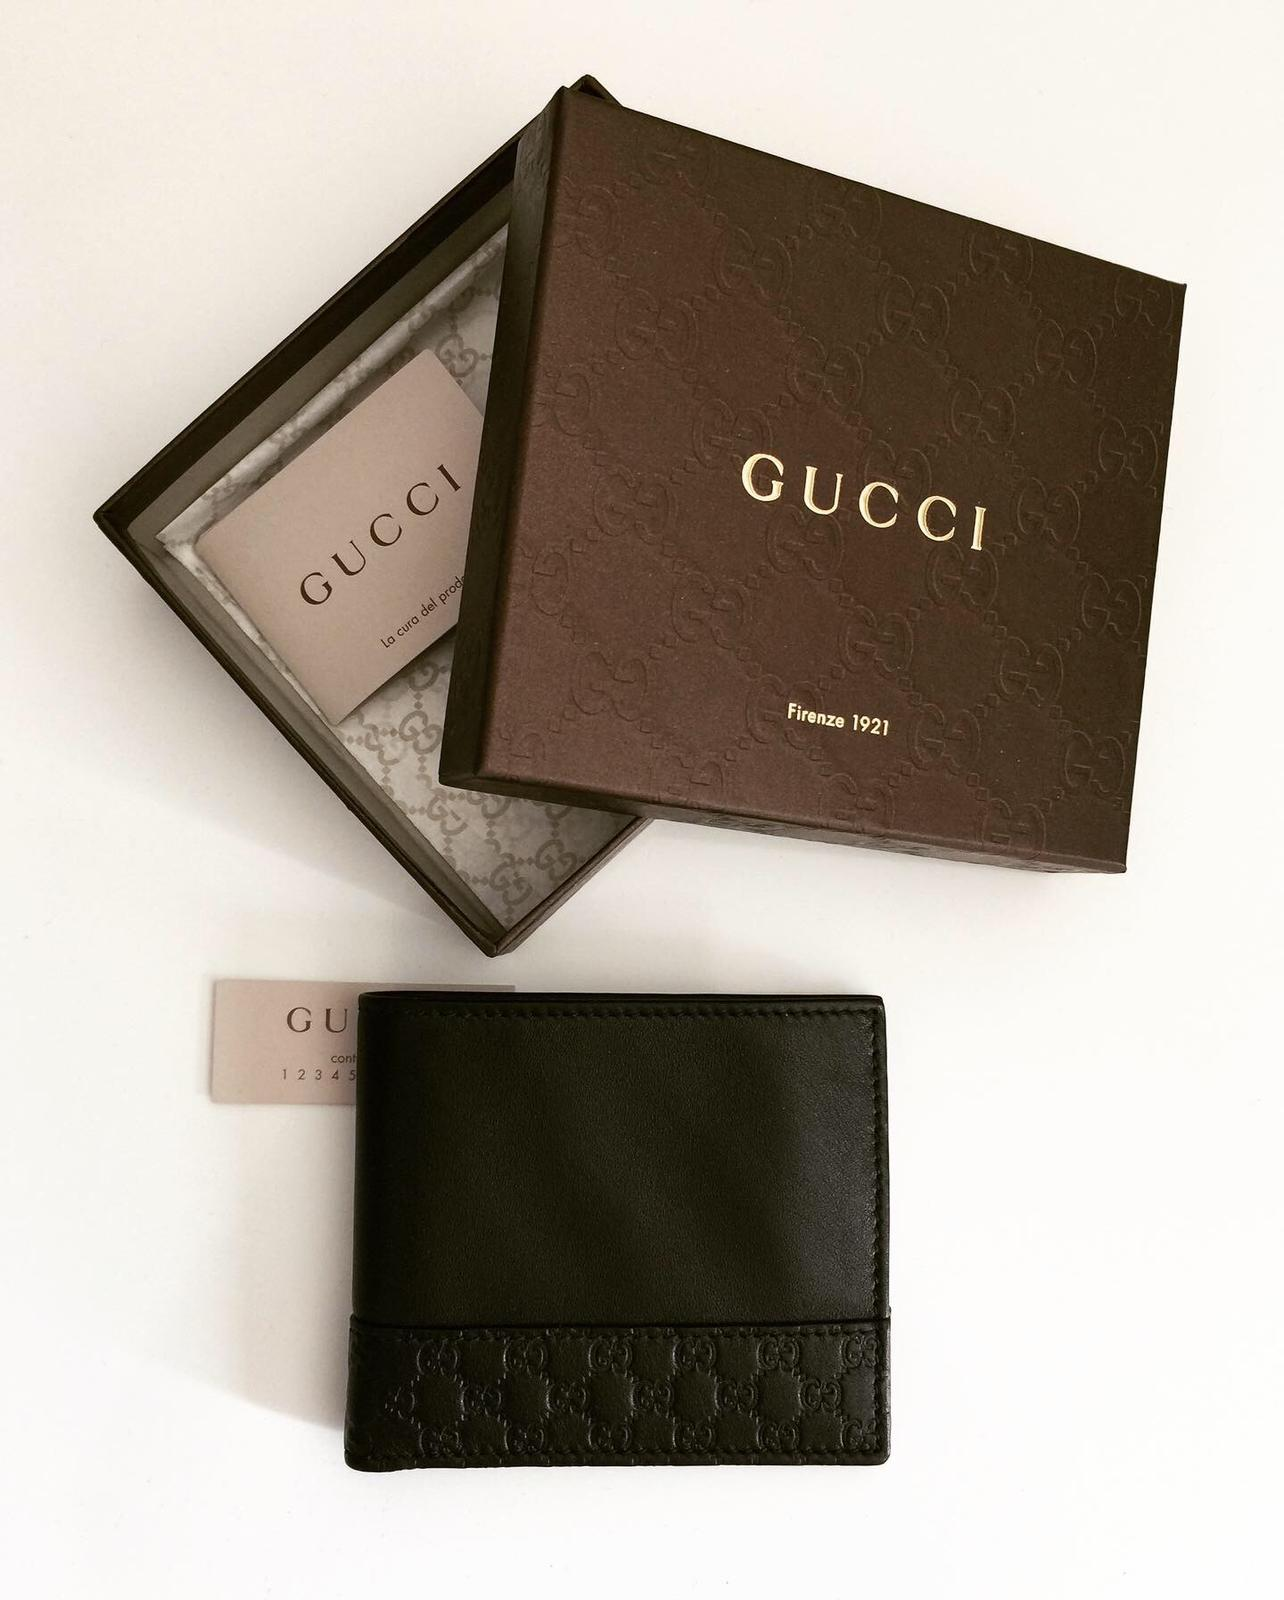 0ced06b6e Gucci originál pánska peňaženka, - 295 € od predávajúcej edinat ...